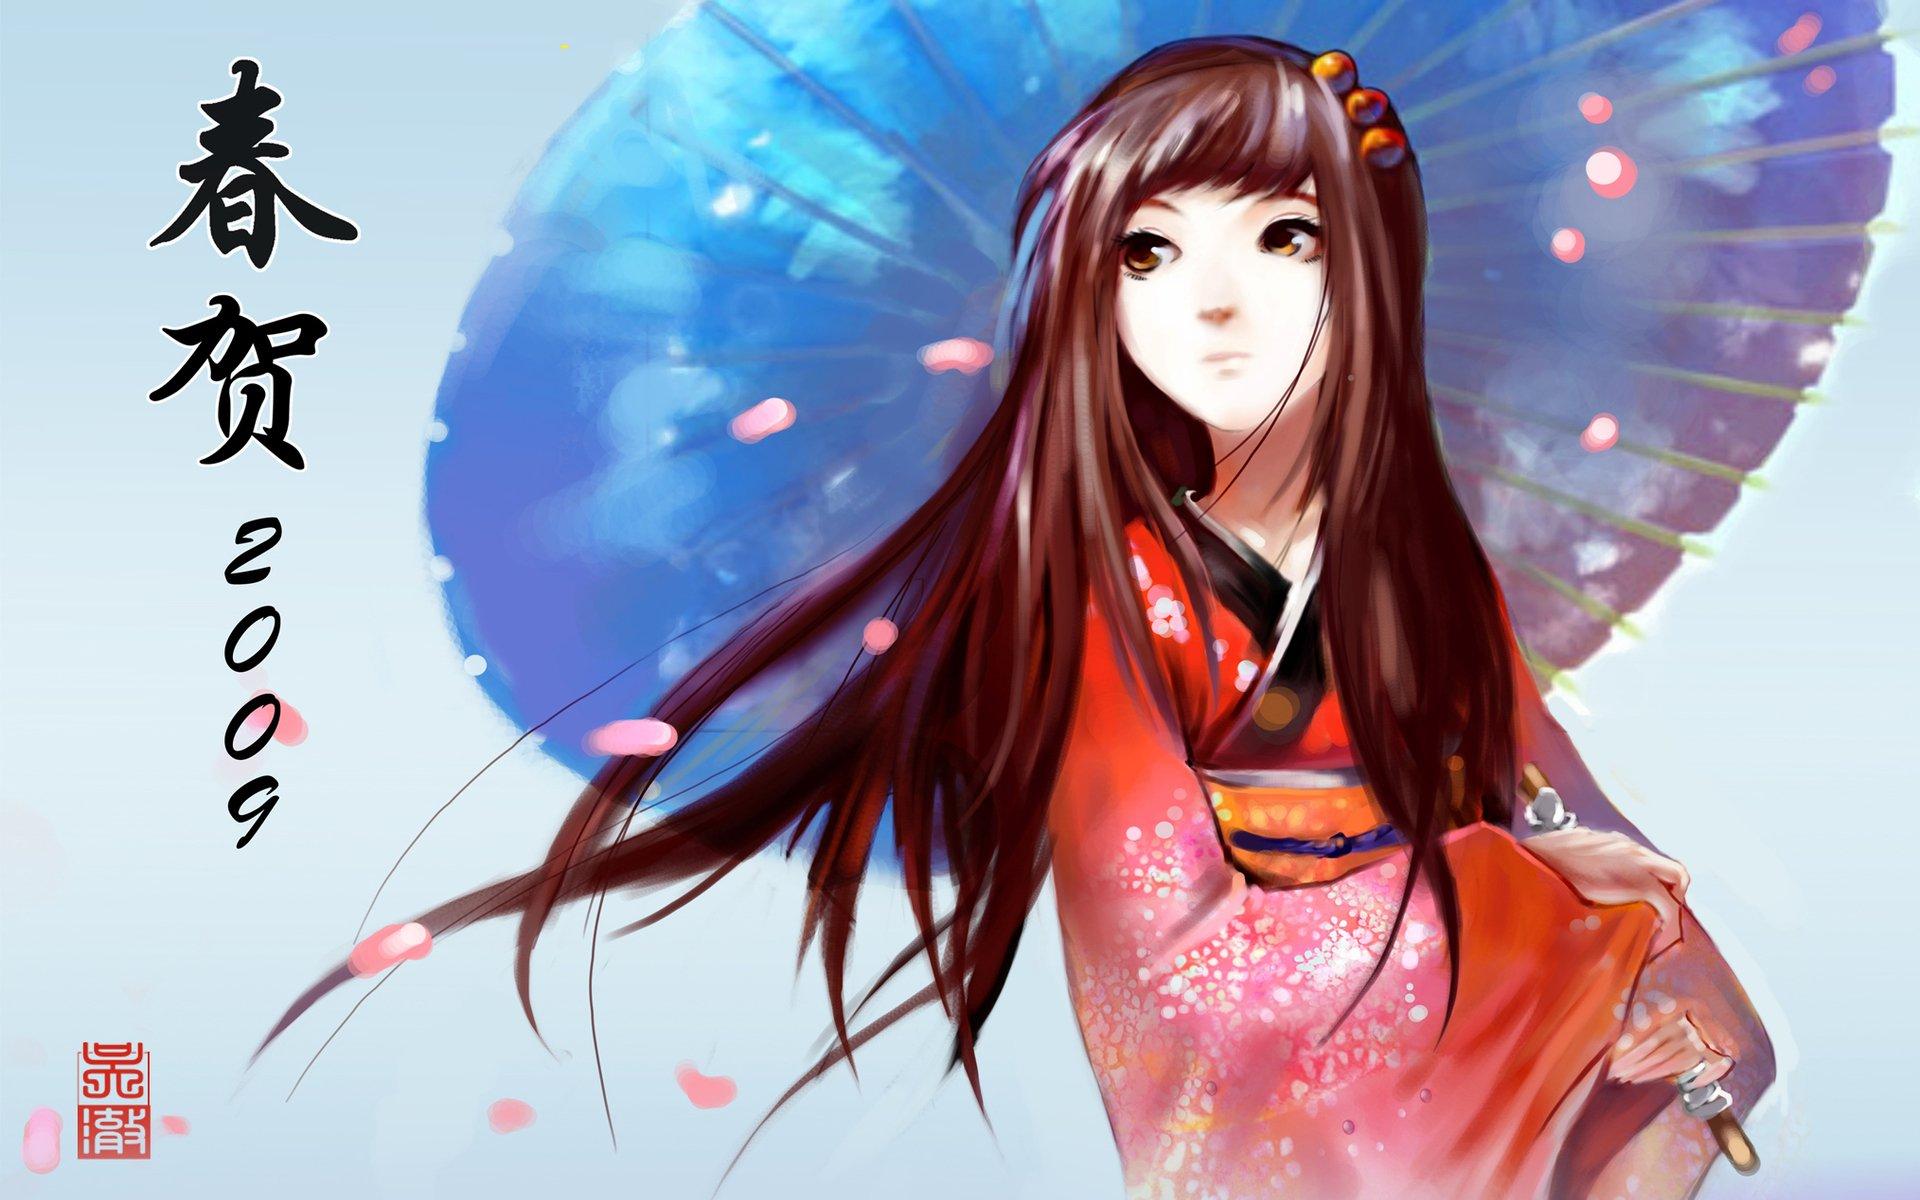 Anime - Women  Wallpaper